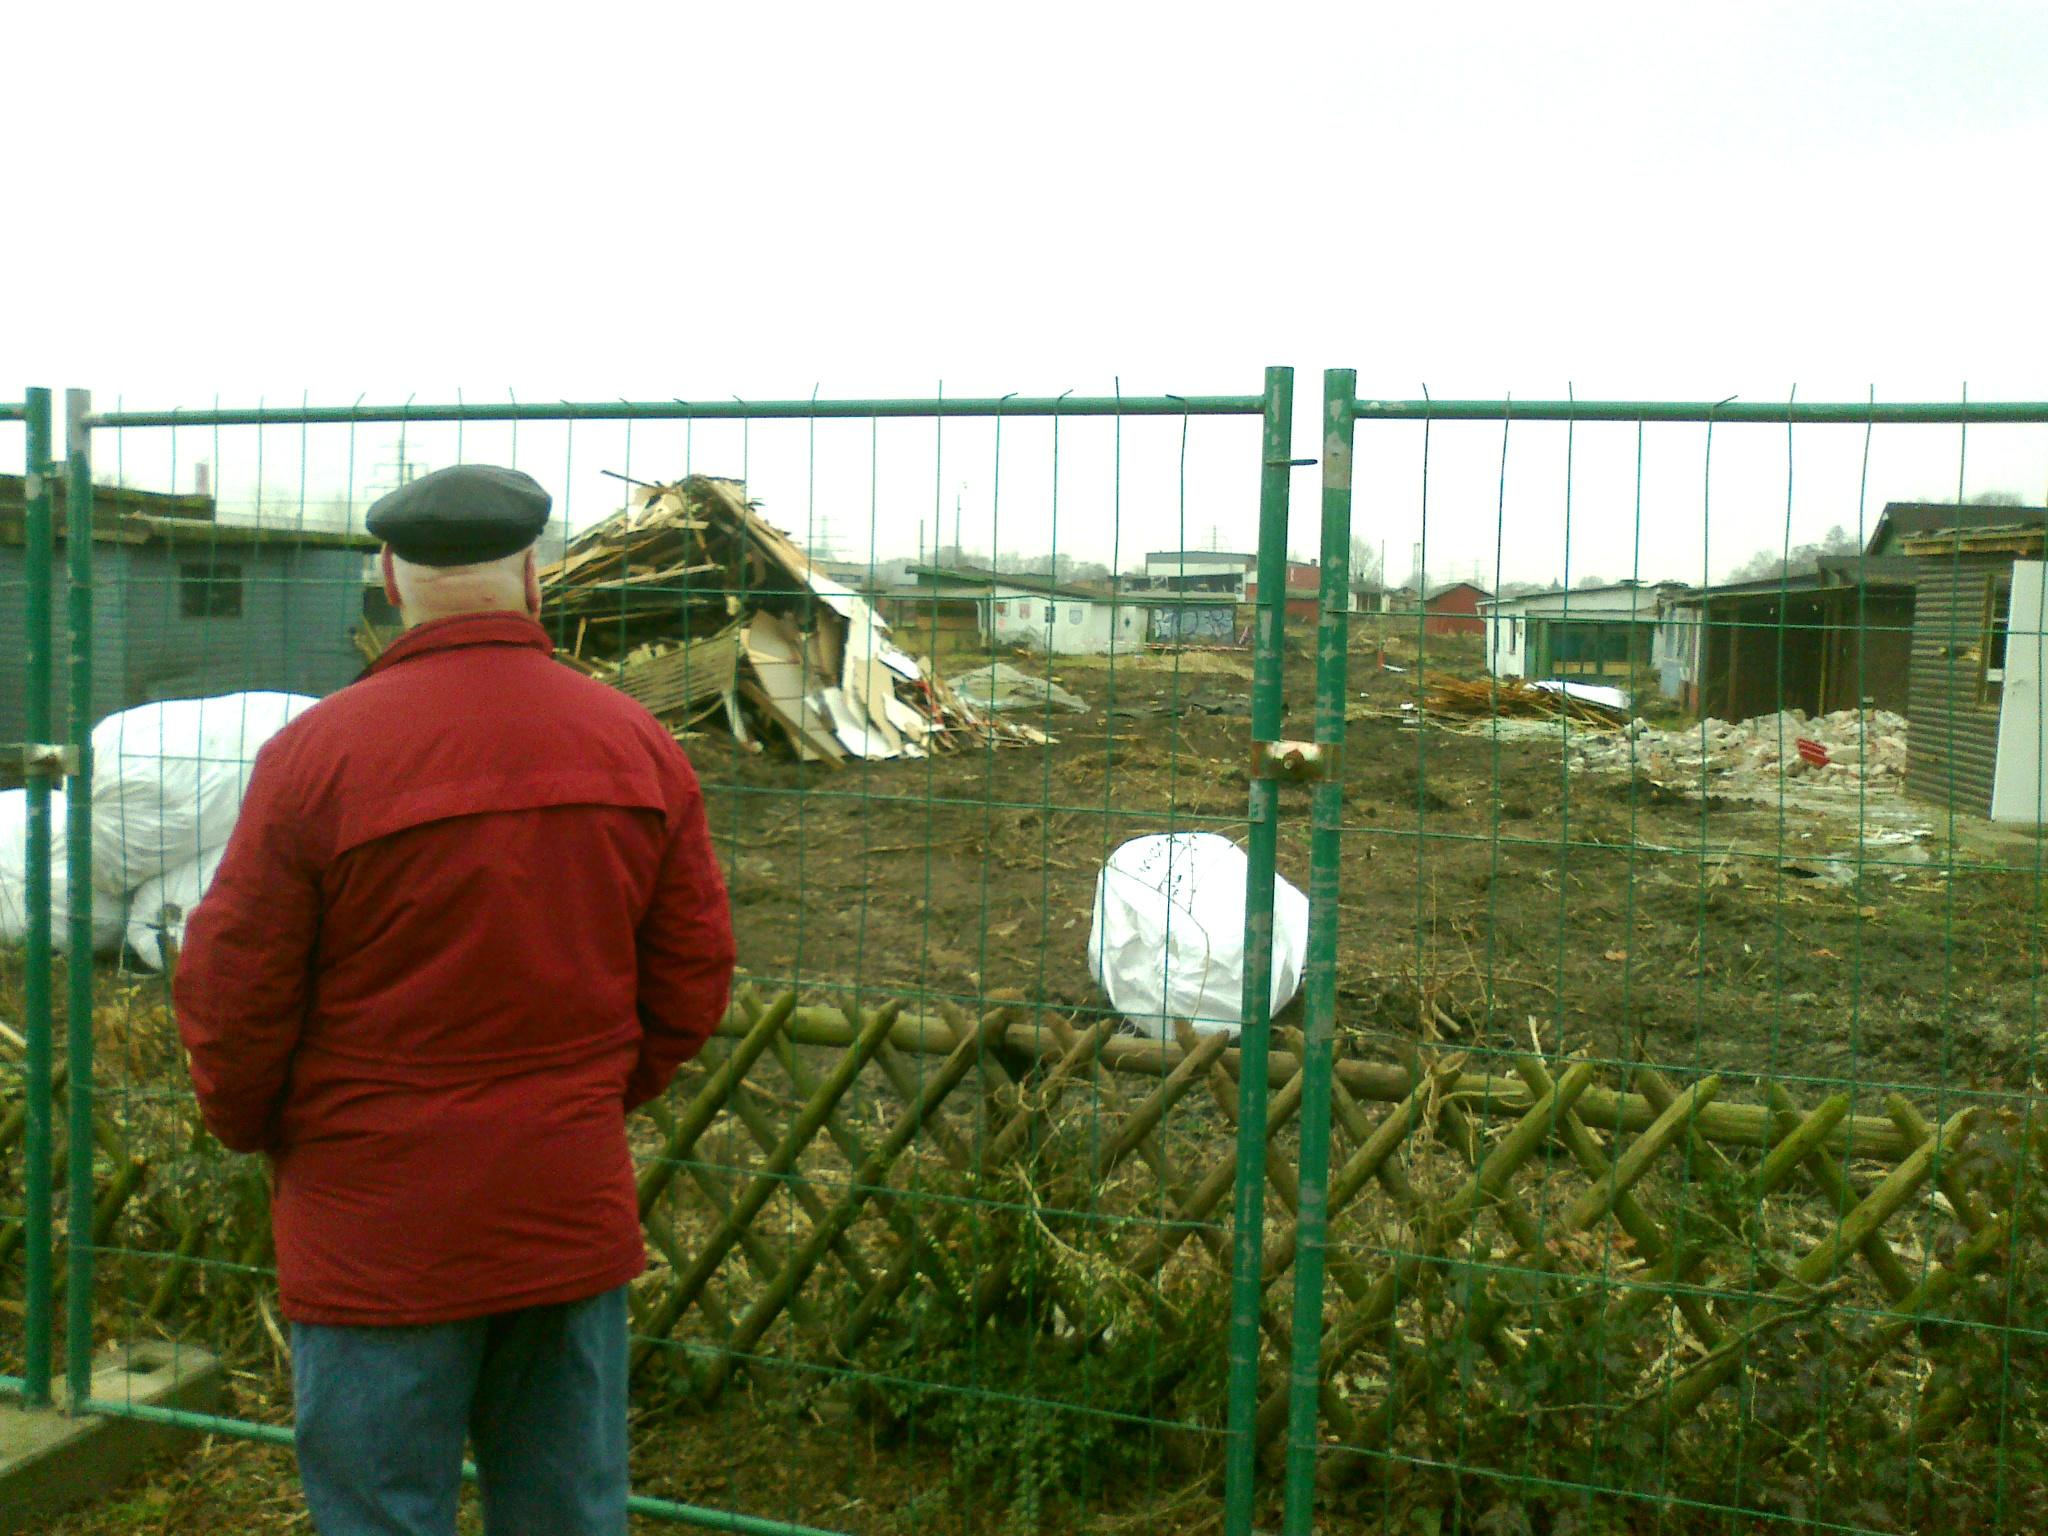 Kleingärtner vor dem zerstörten Behelfsheim, in dem er über 40 Jahre verbacht hat